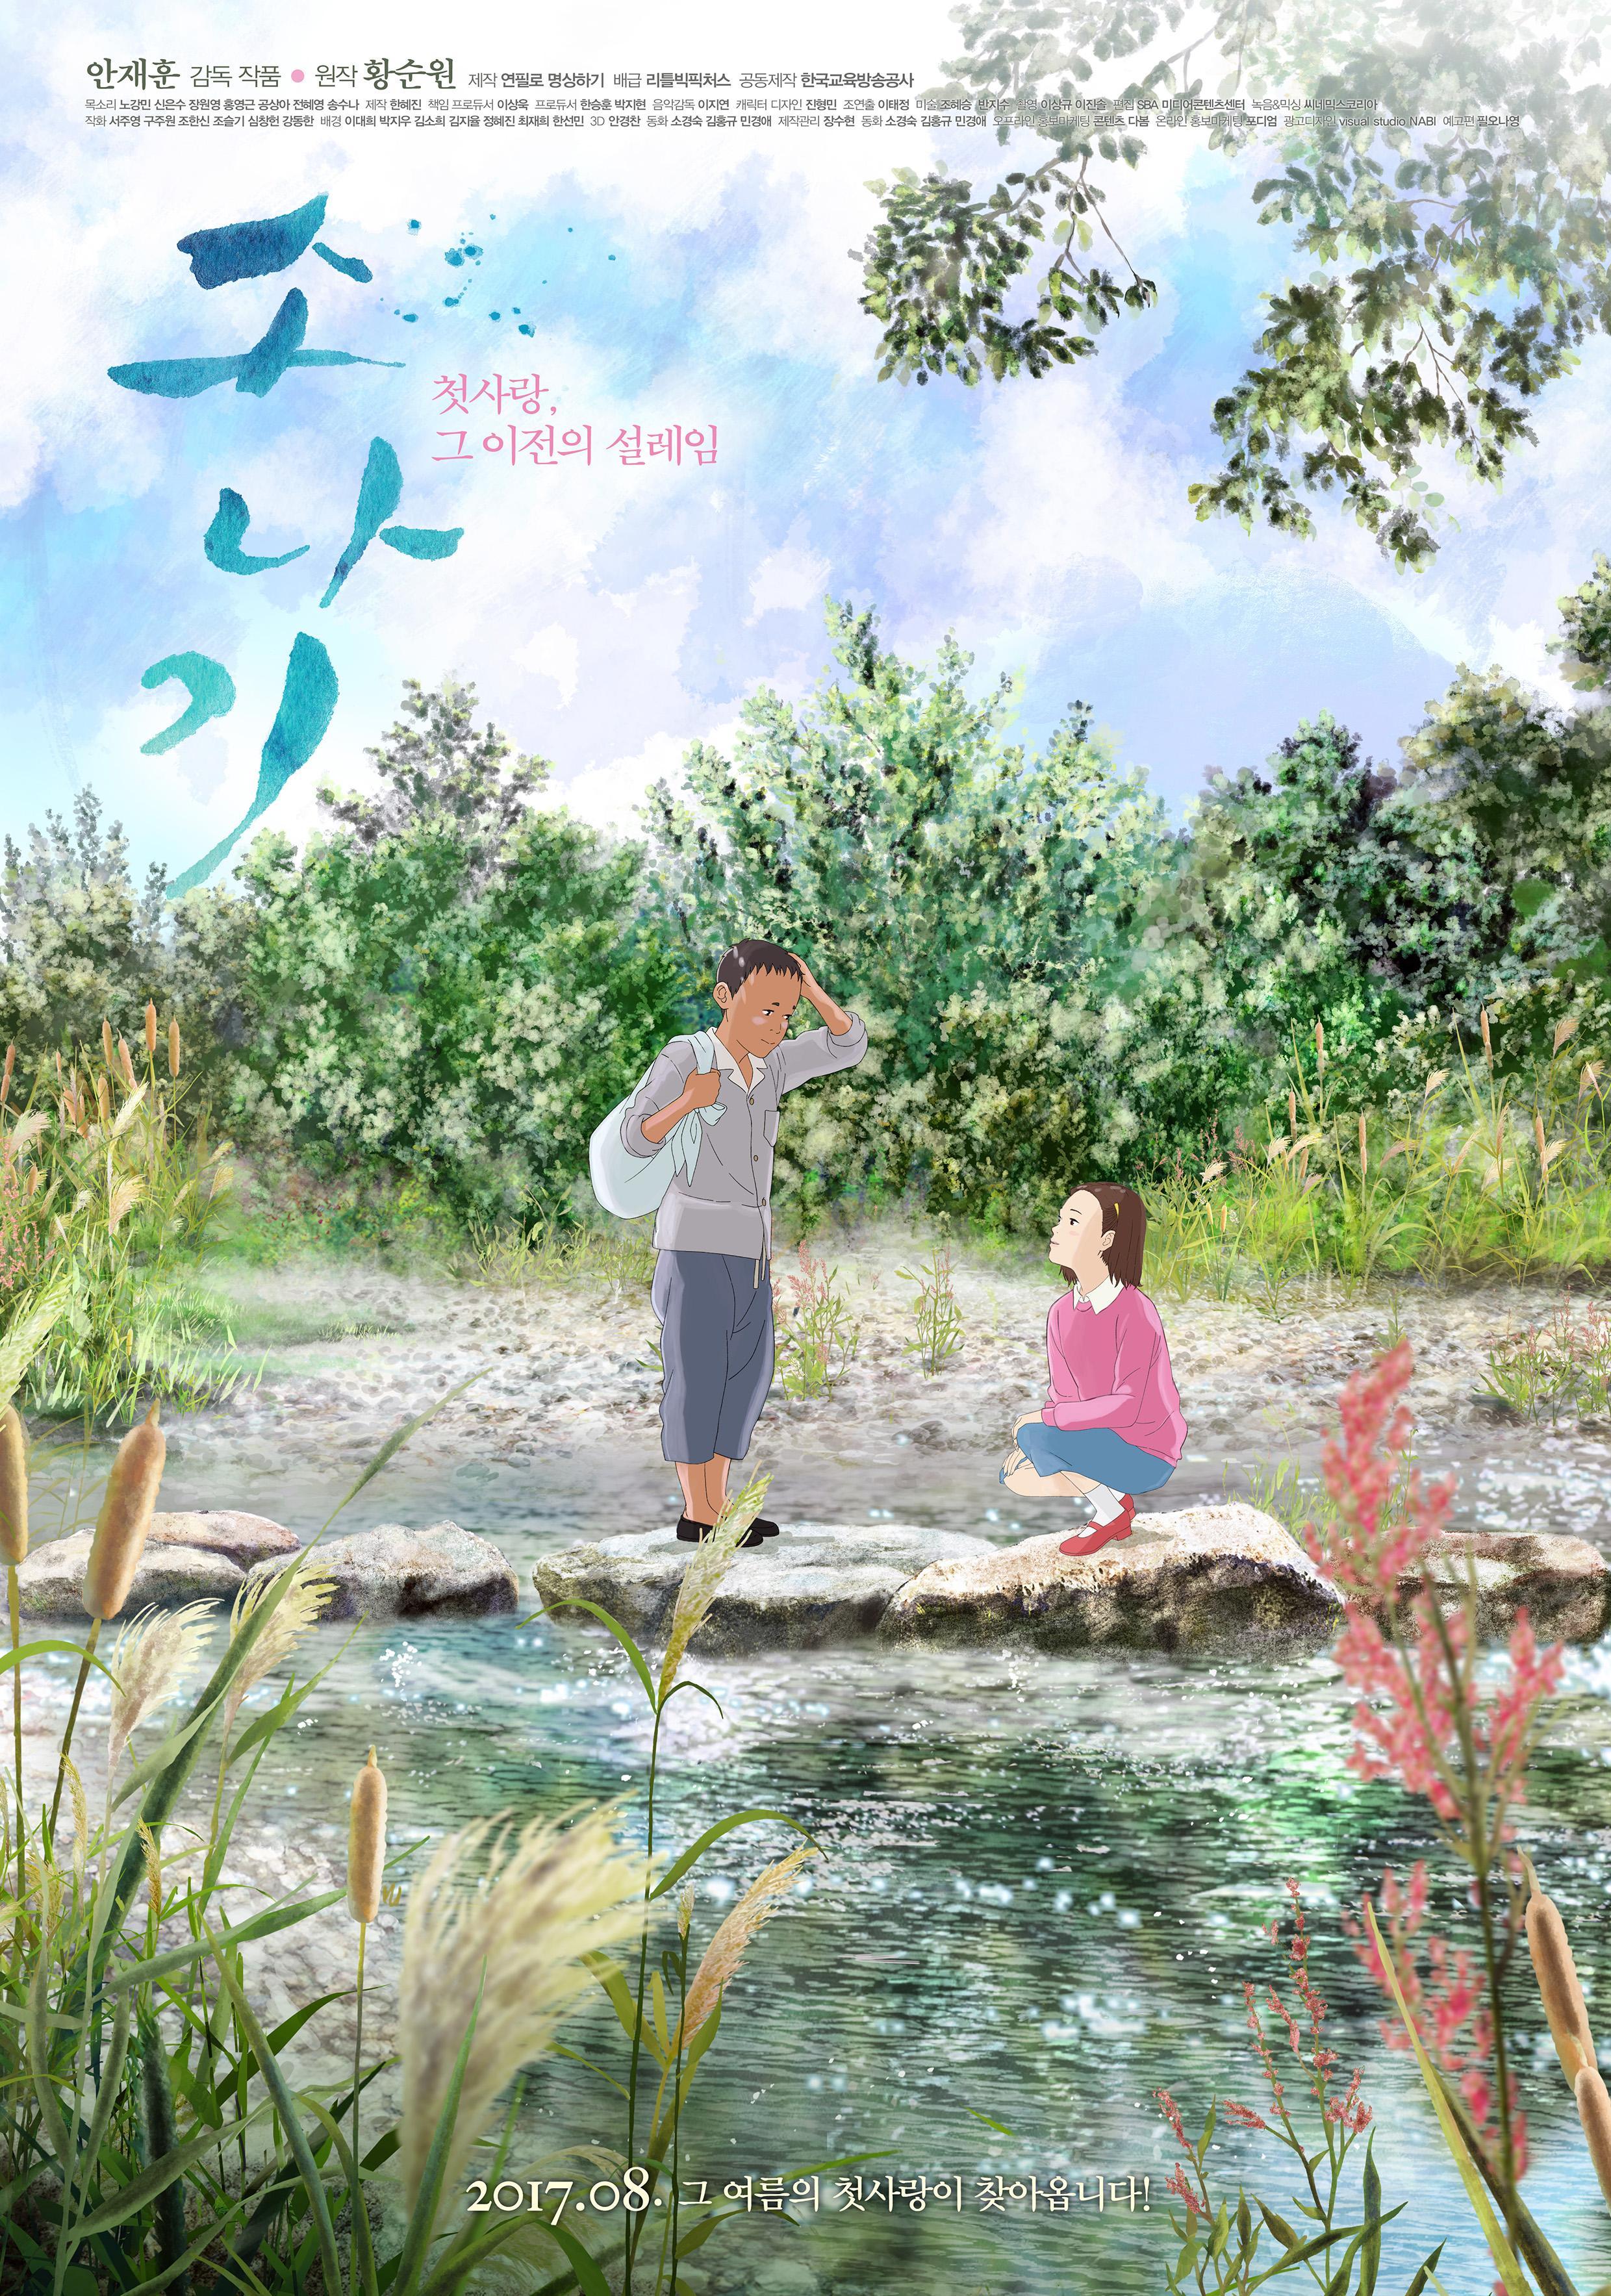 <소나기> 소년-소녀의 감성이 고스란히 녹아 있는 메인 포스터